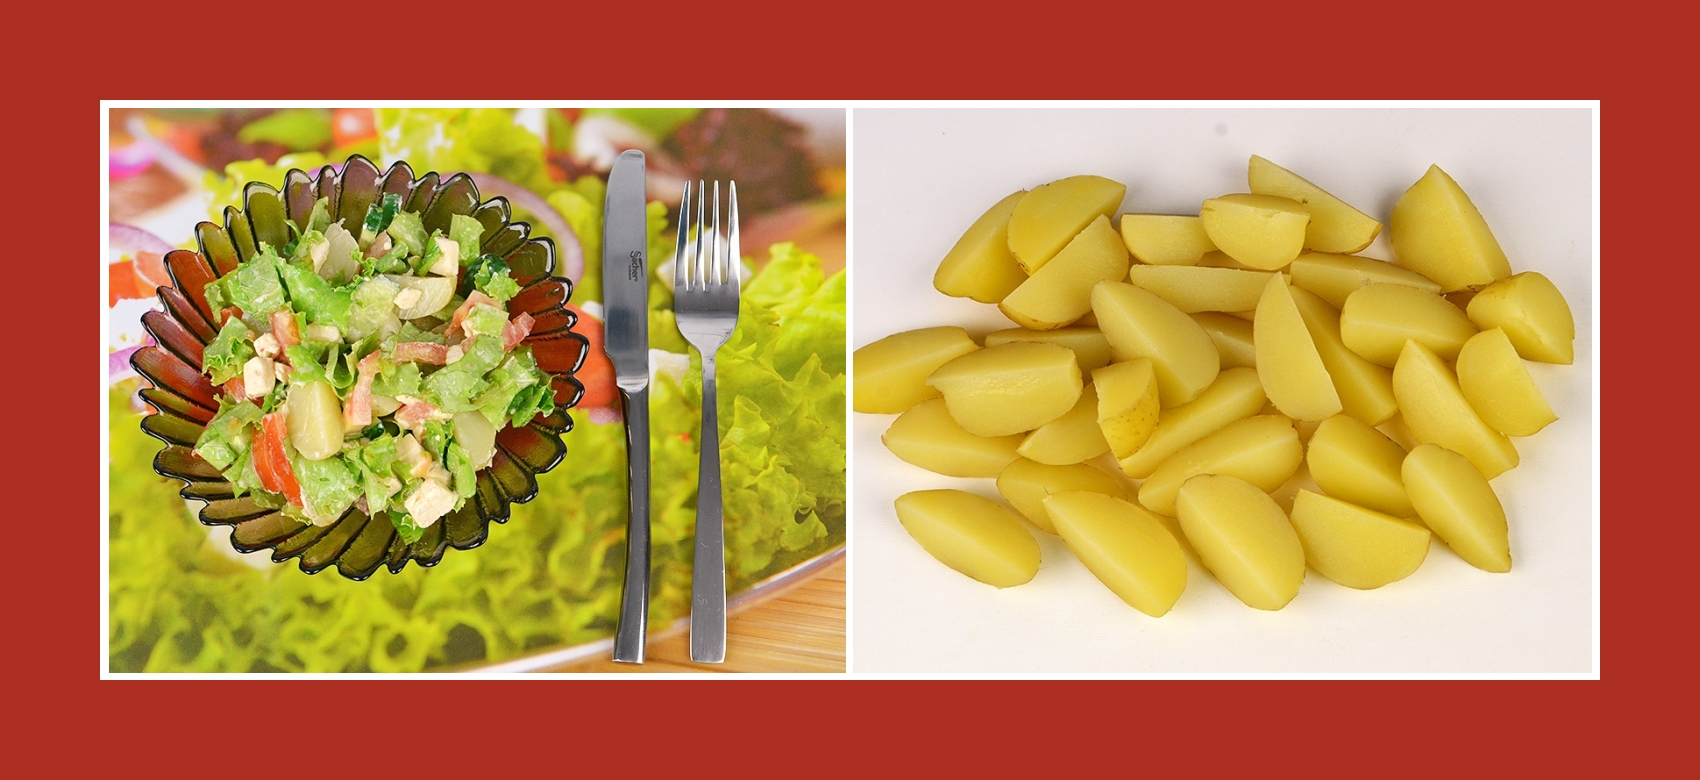 Gekochte Kartoffeln für Salat mit Schmelzkäse